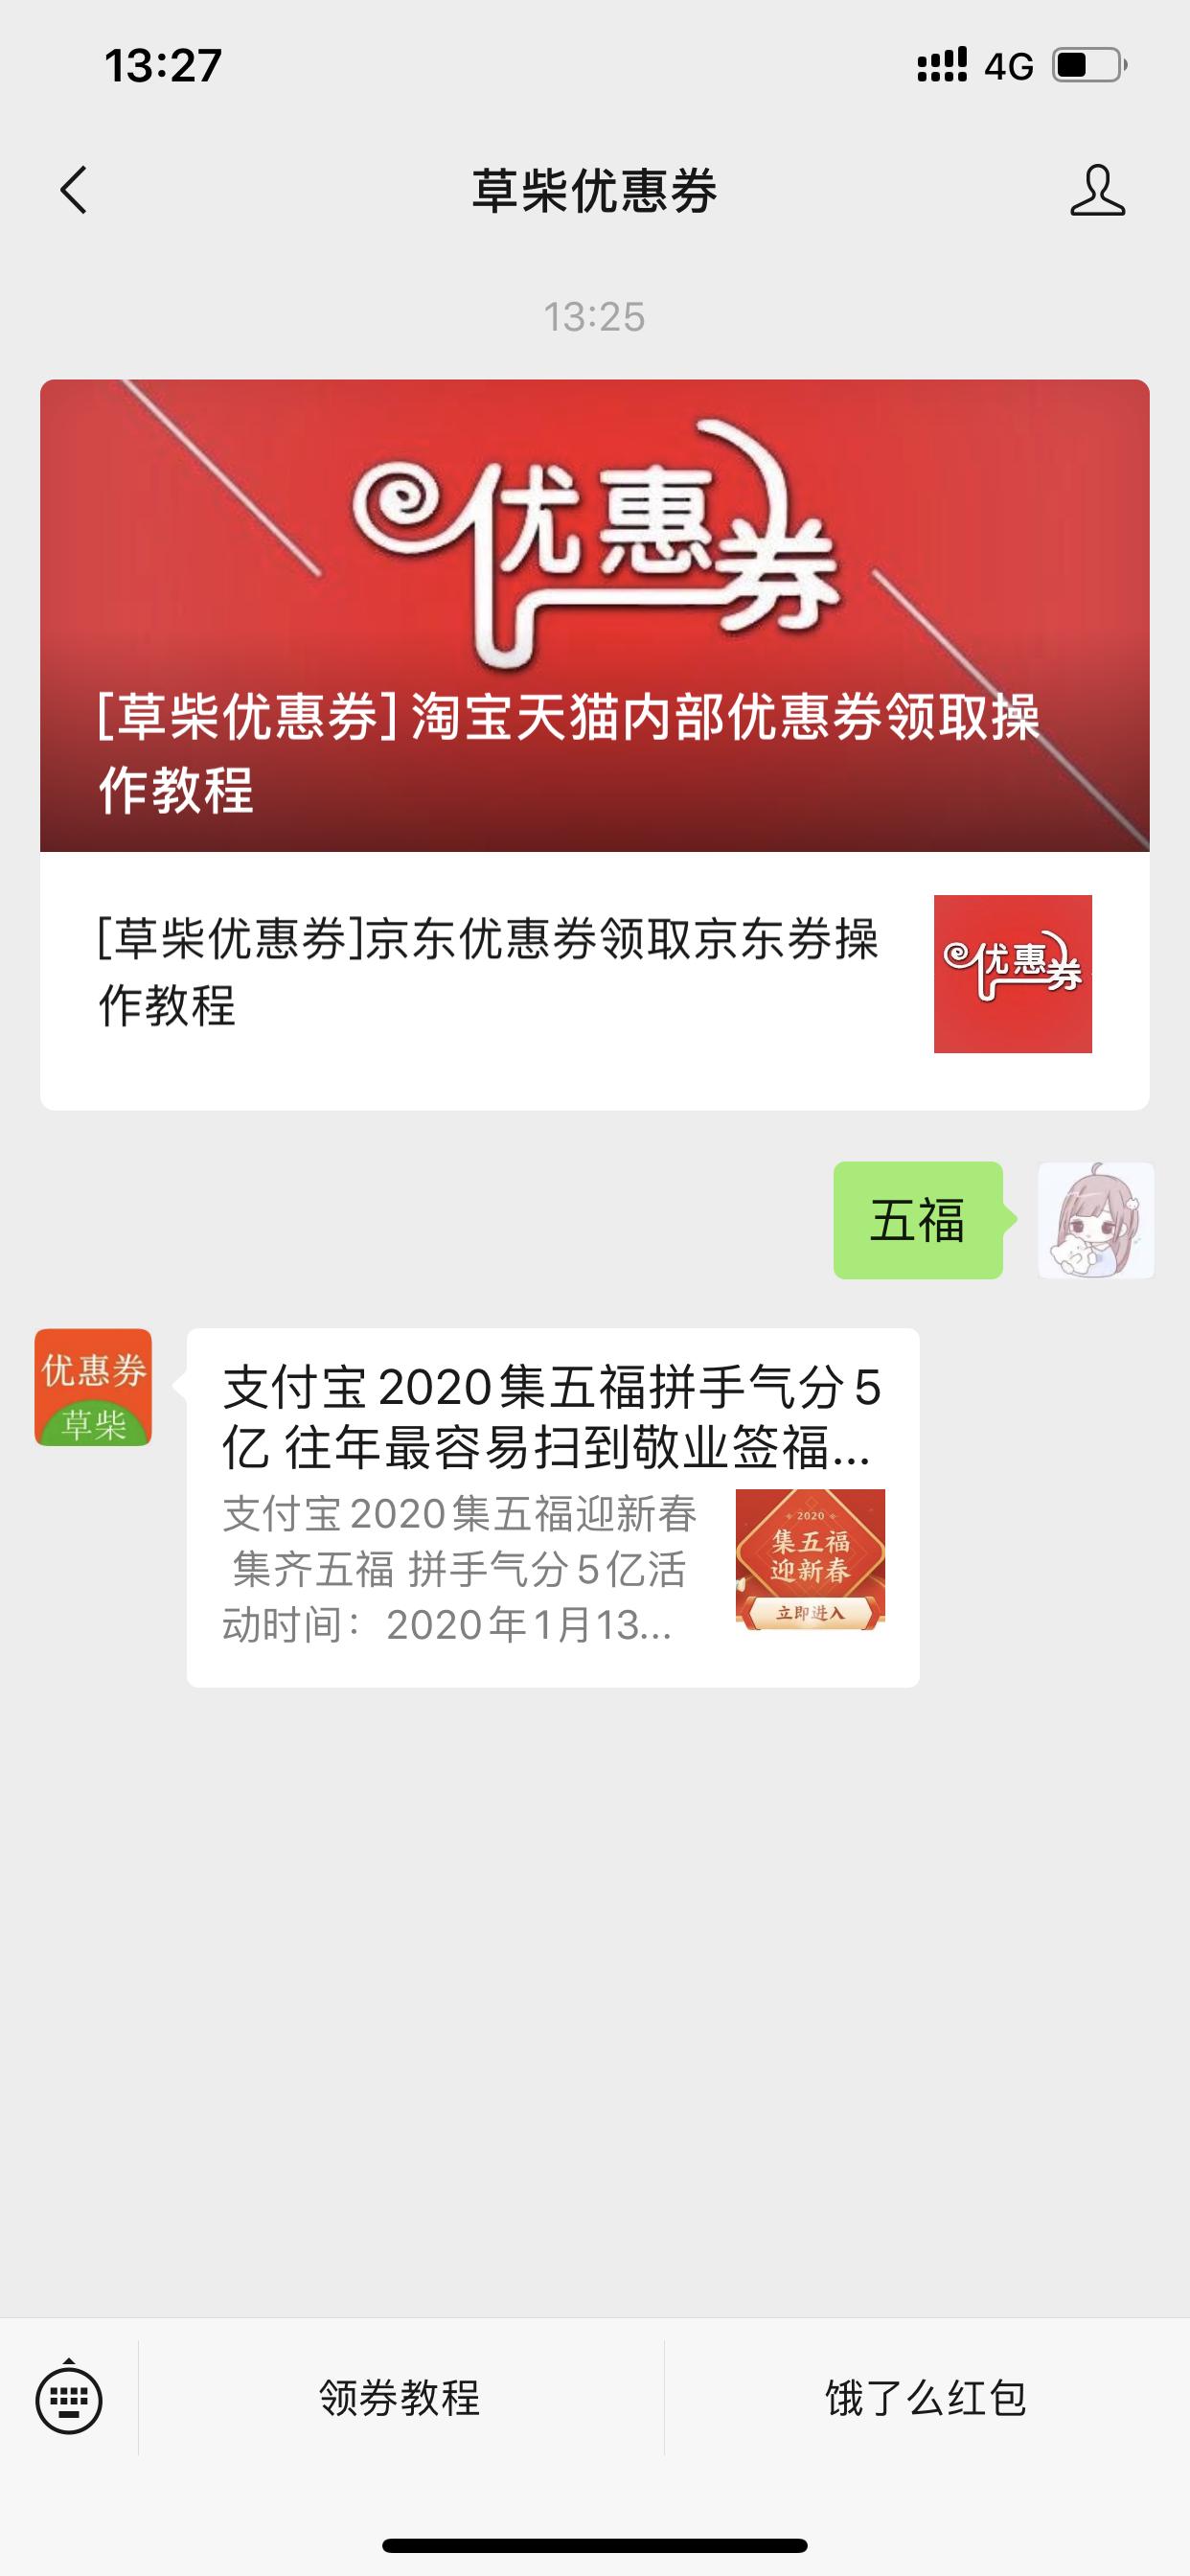 http://www.xqweigou.com/dianshangshuju/99765.html